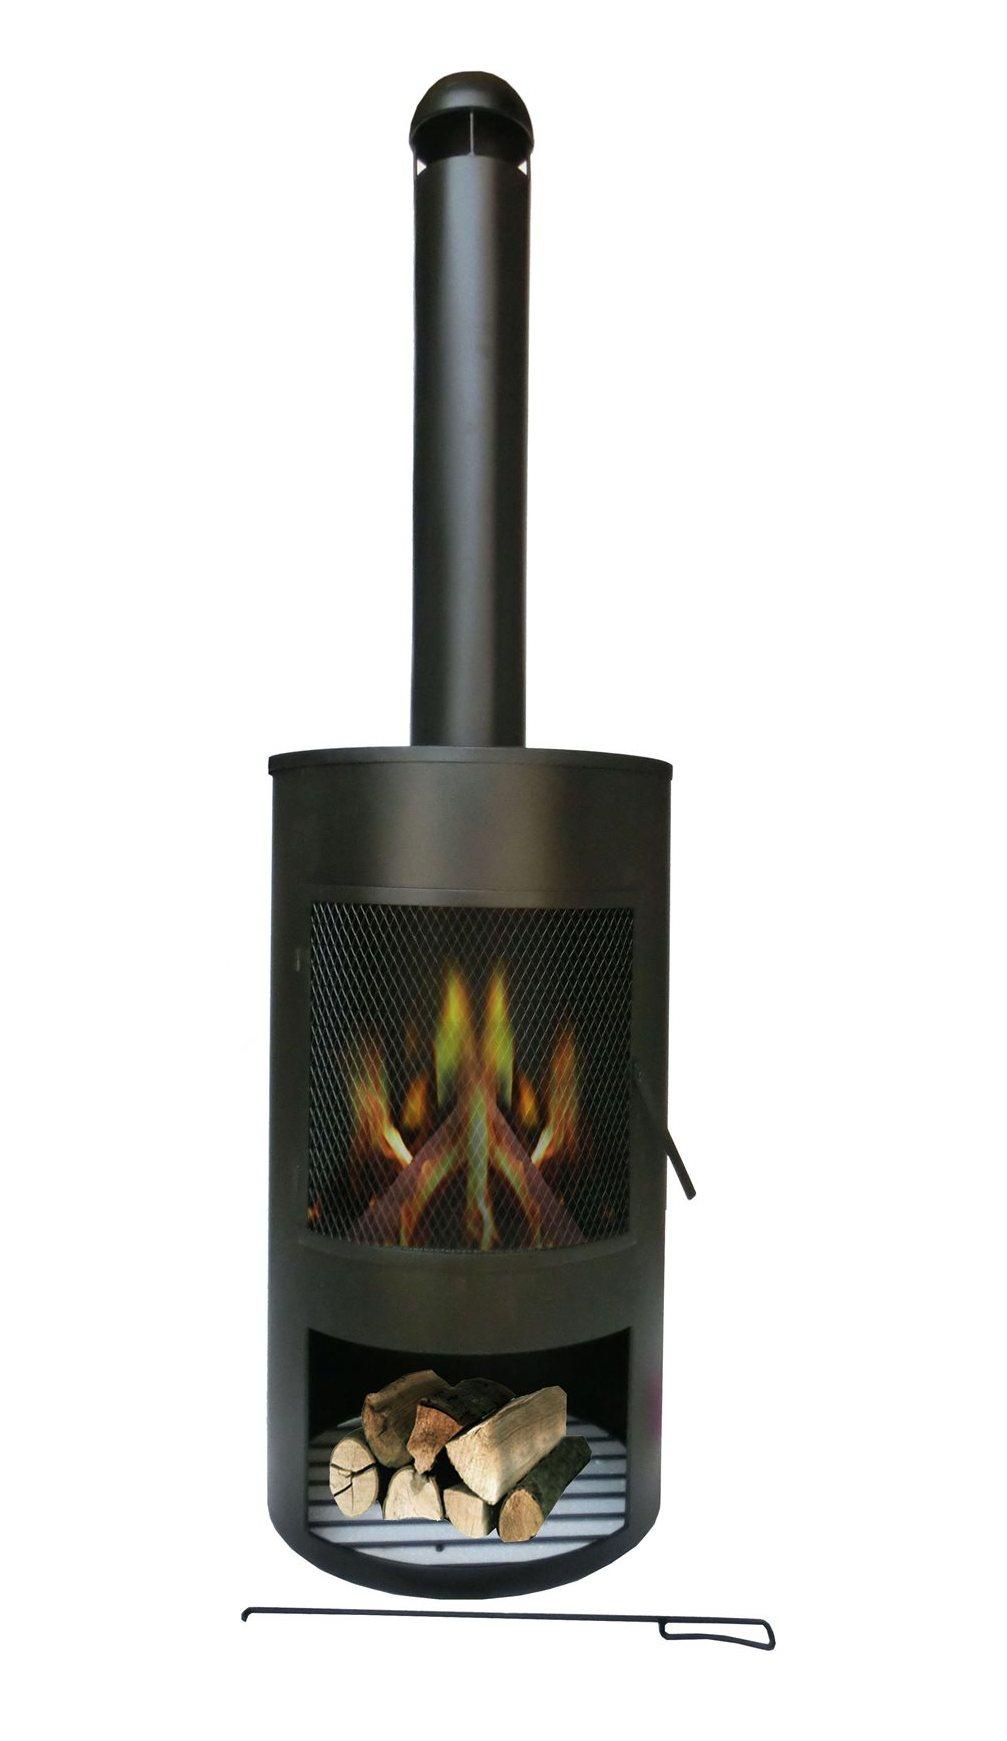 SenS-Line Tuinhaard Drumpot, diam. 45 cm, hoogte 158 cm, zwart gepoedercoat metaal